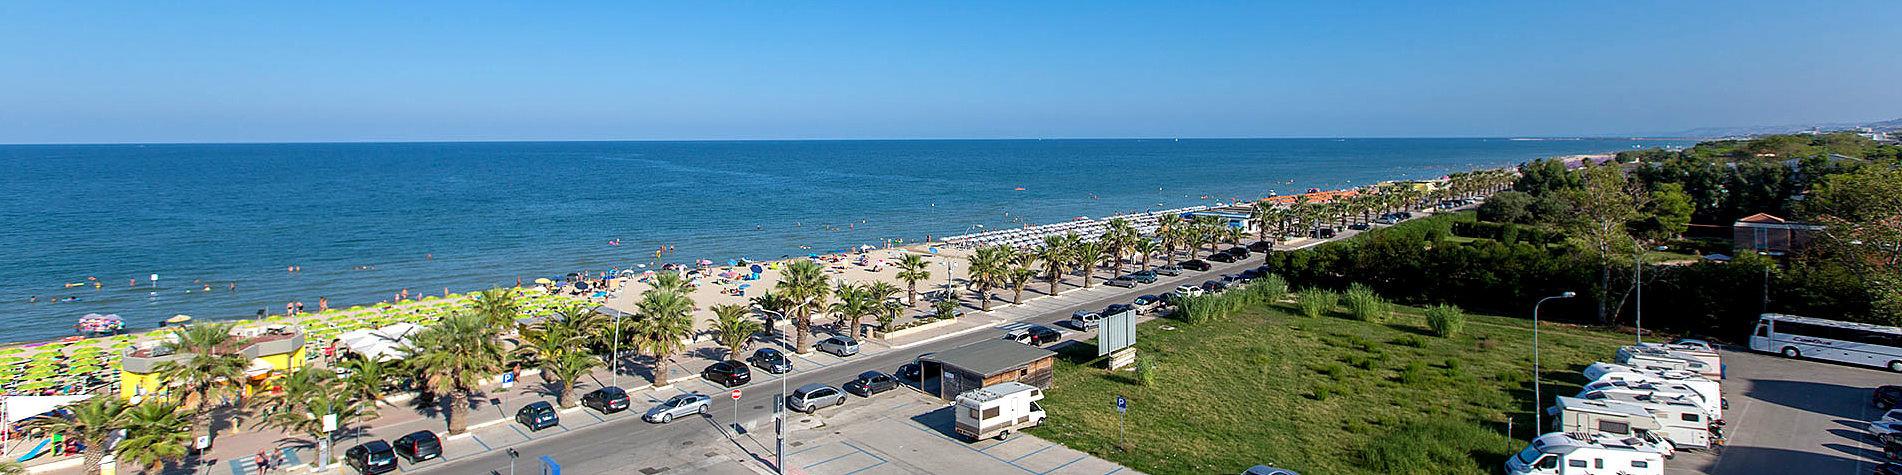 Tortoreto Lido, pláž na okraji letoviska